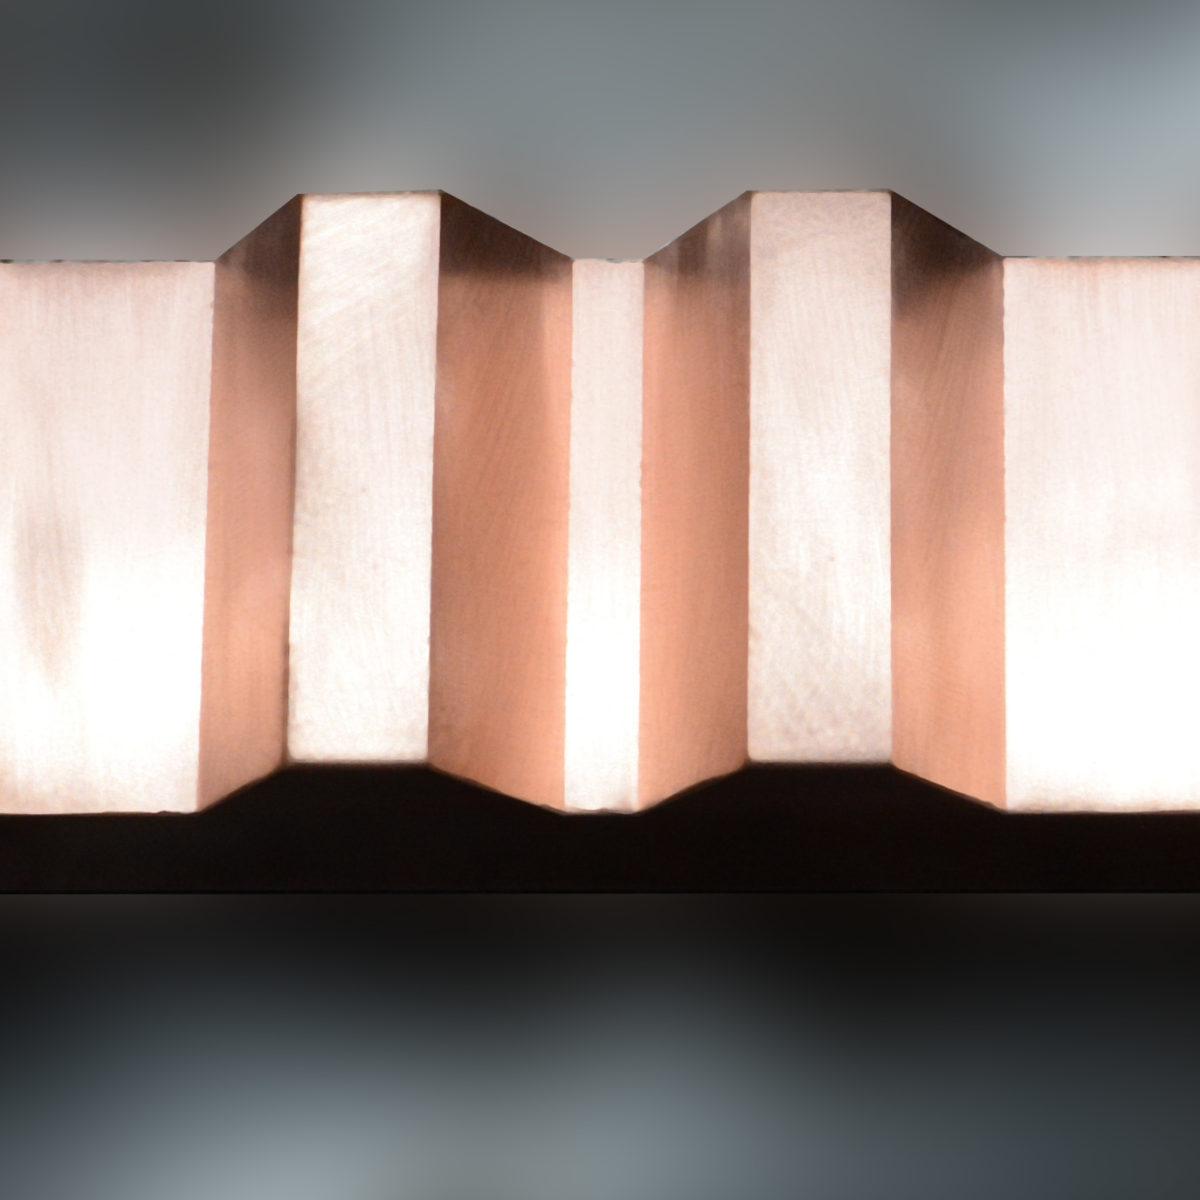 Zinc Expansion Image